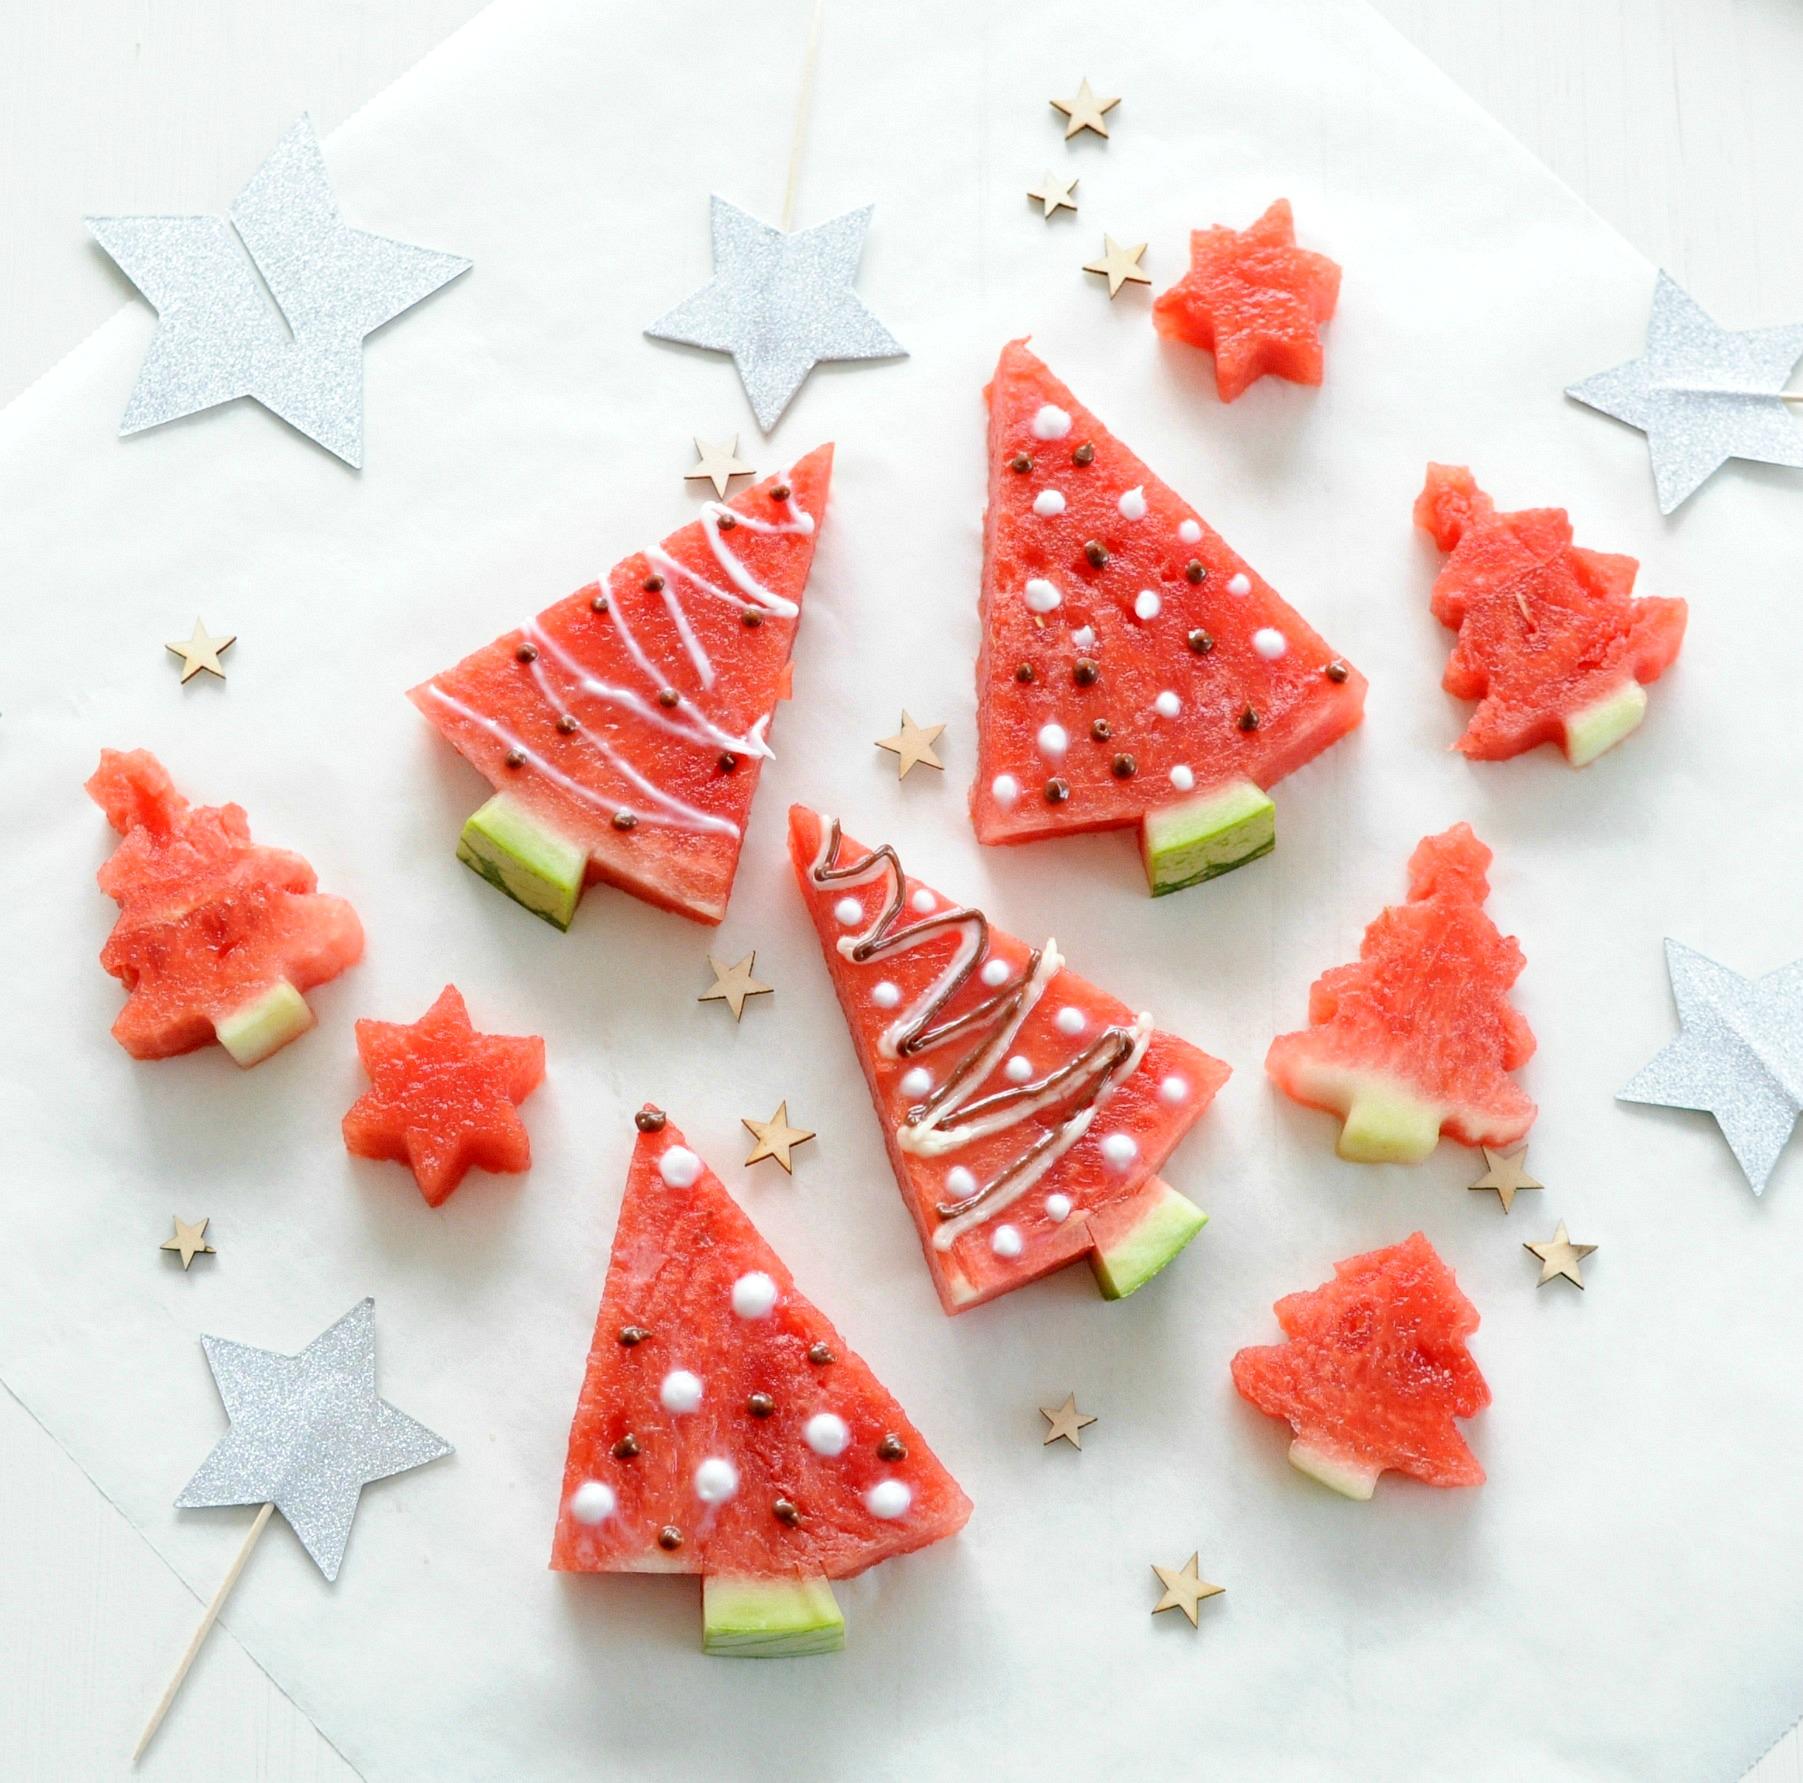 kerstboompjes van watermeloen